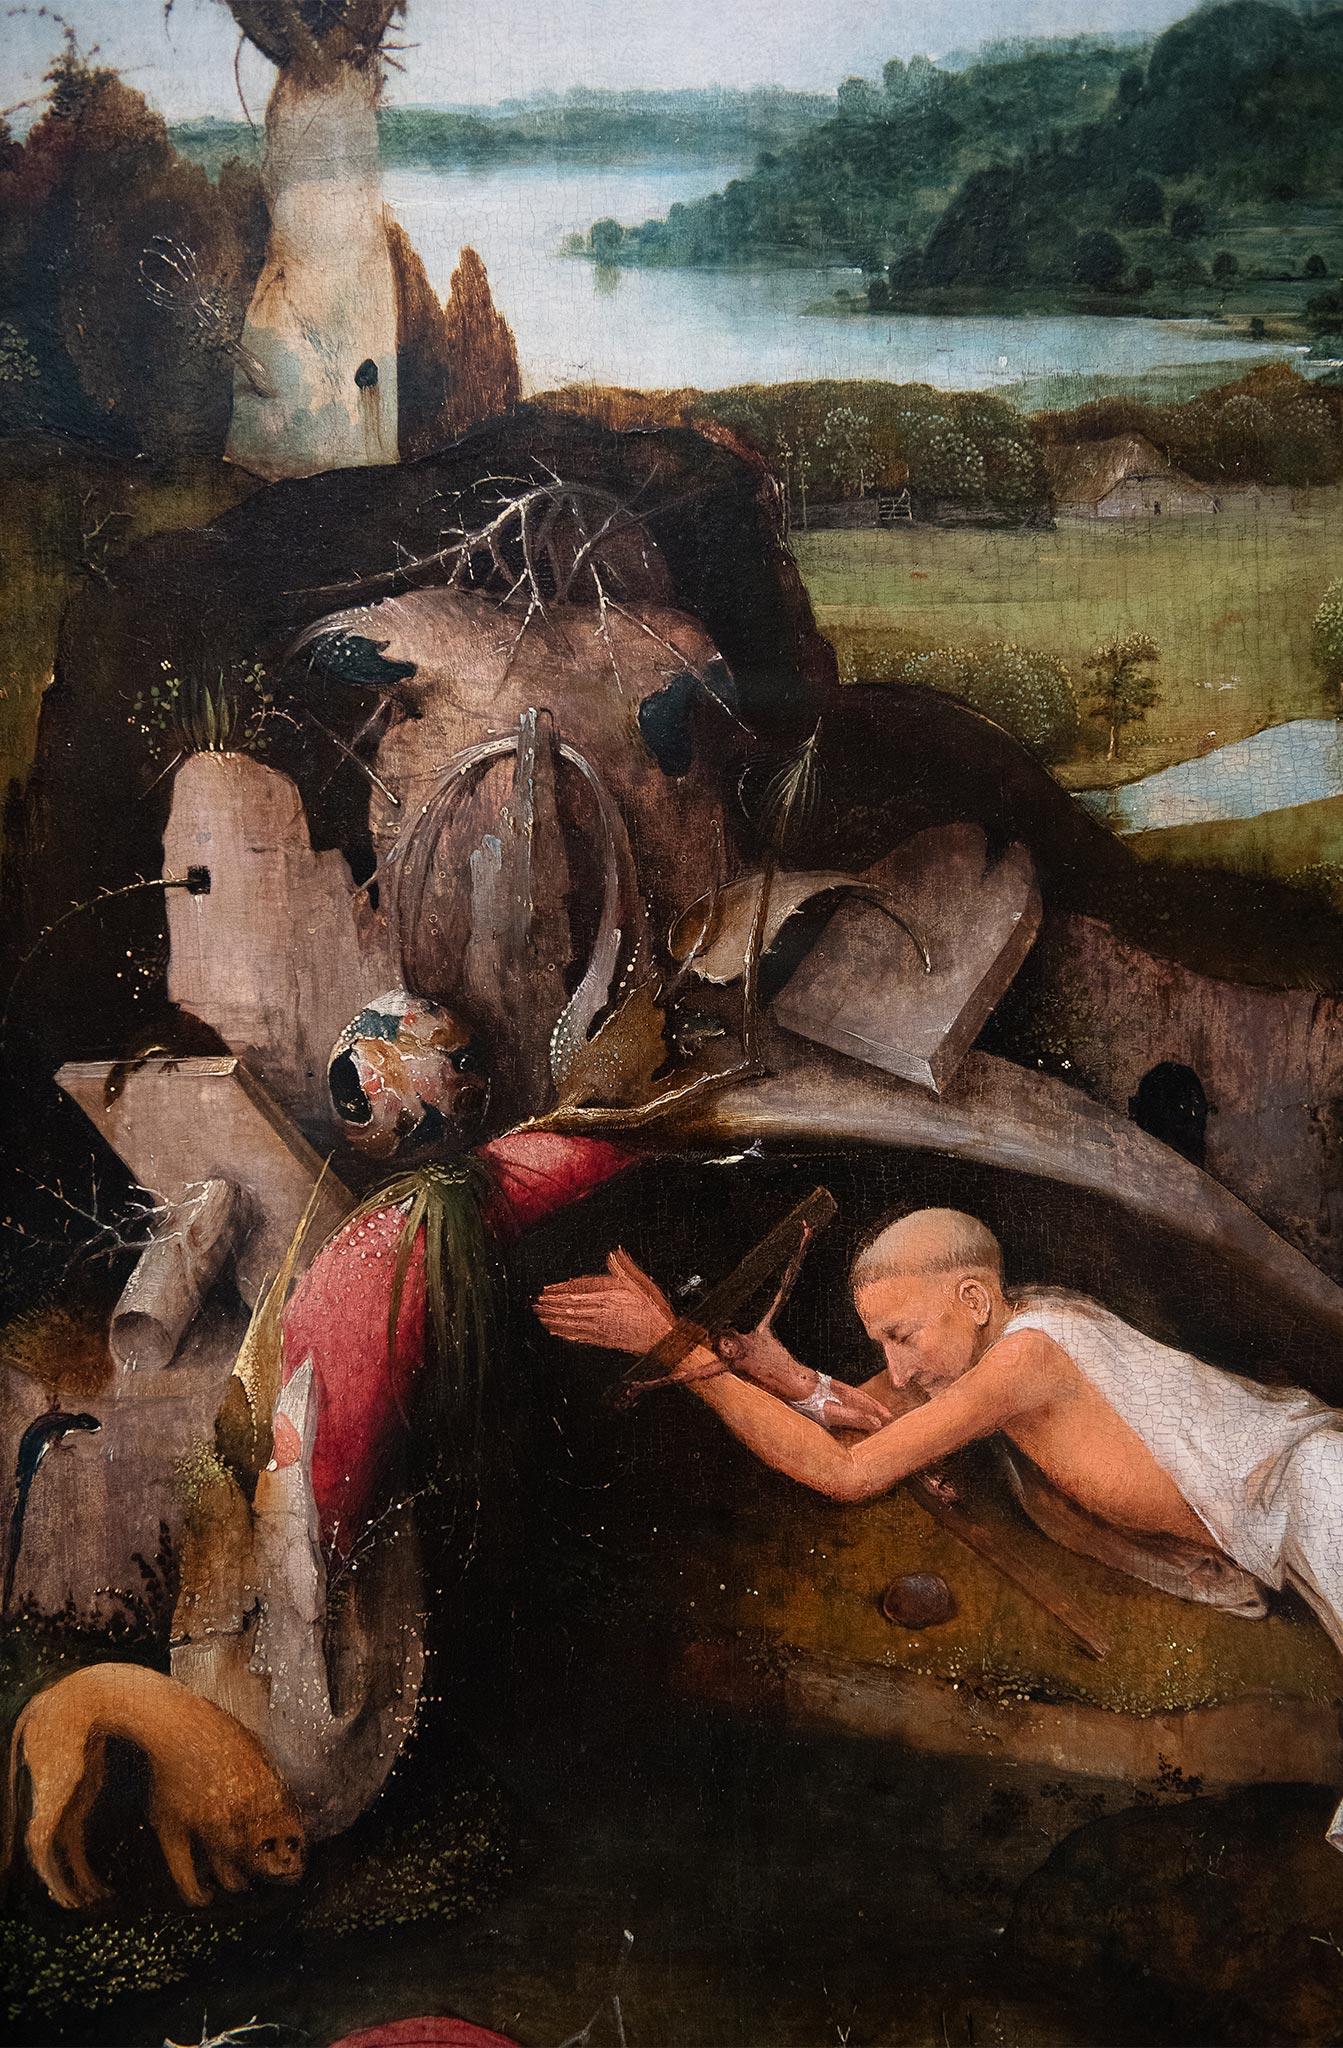 Jheronimus Bosch - Saint Jérôme ca. 1485 Huile sur toile: 80,1 cm x 60,6 cm 1908-H